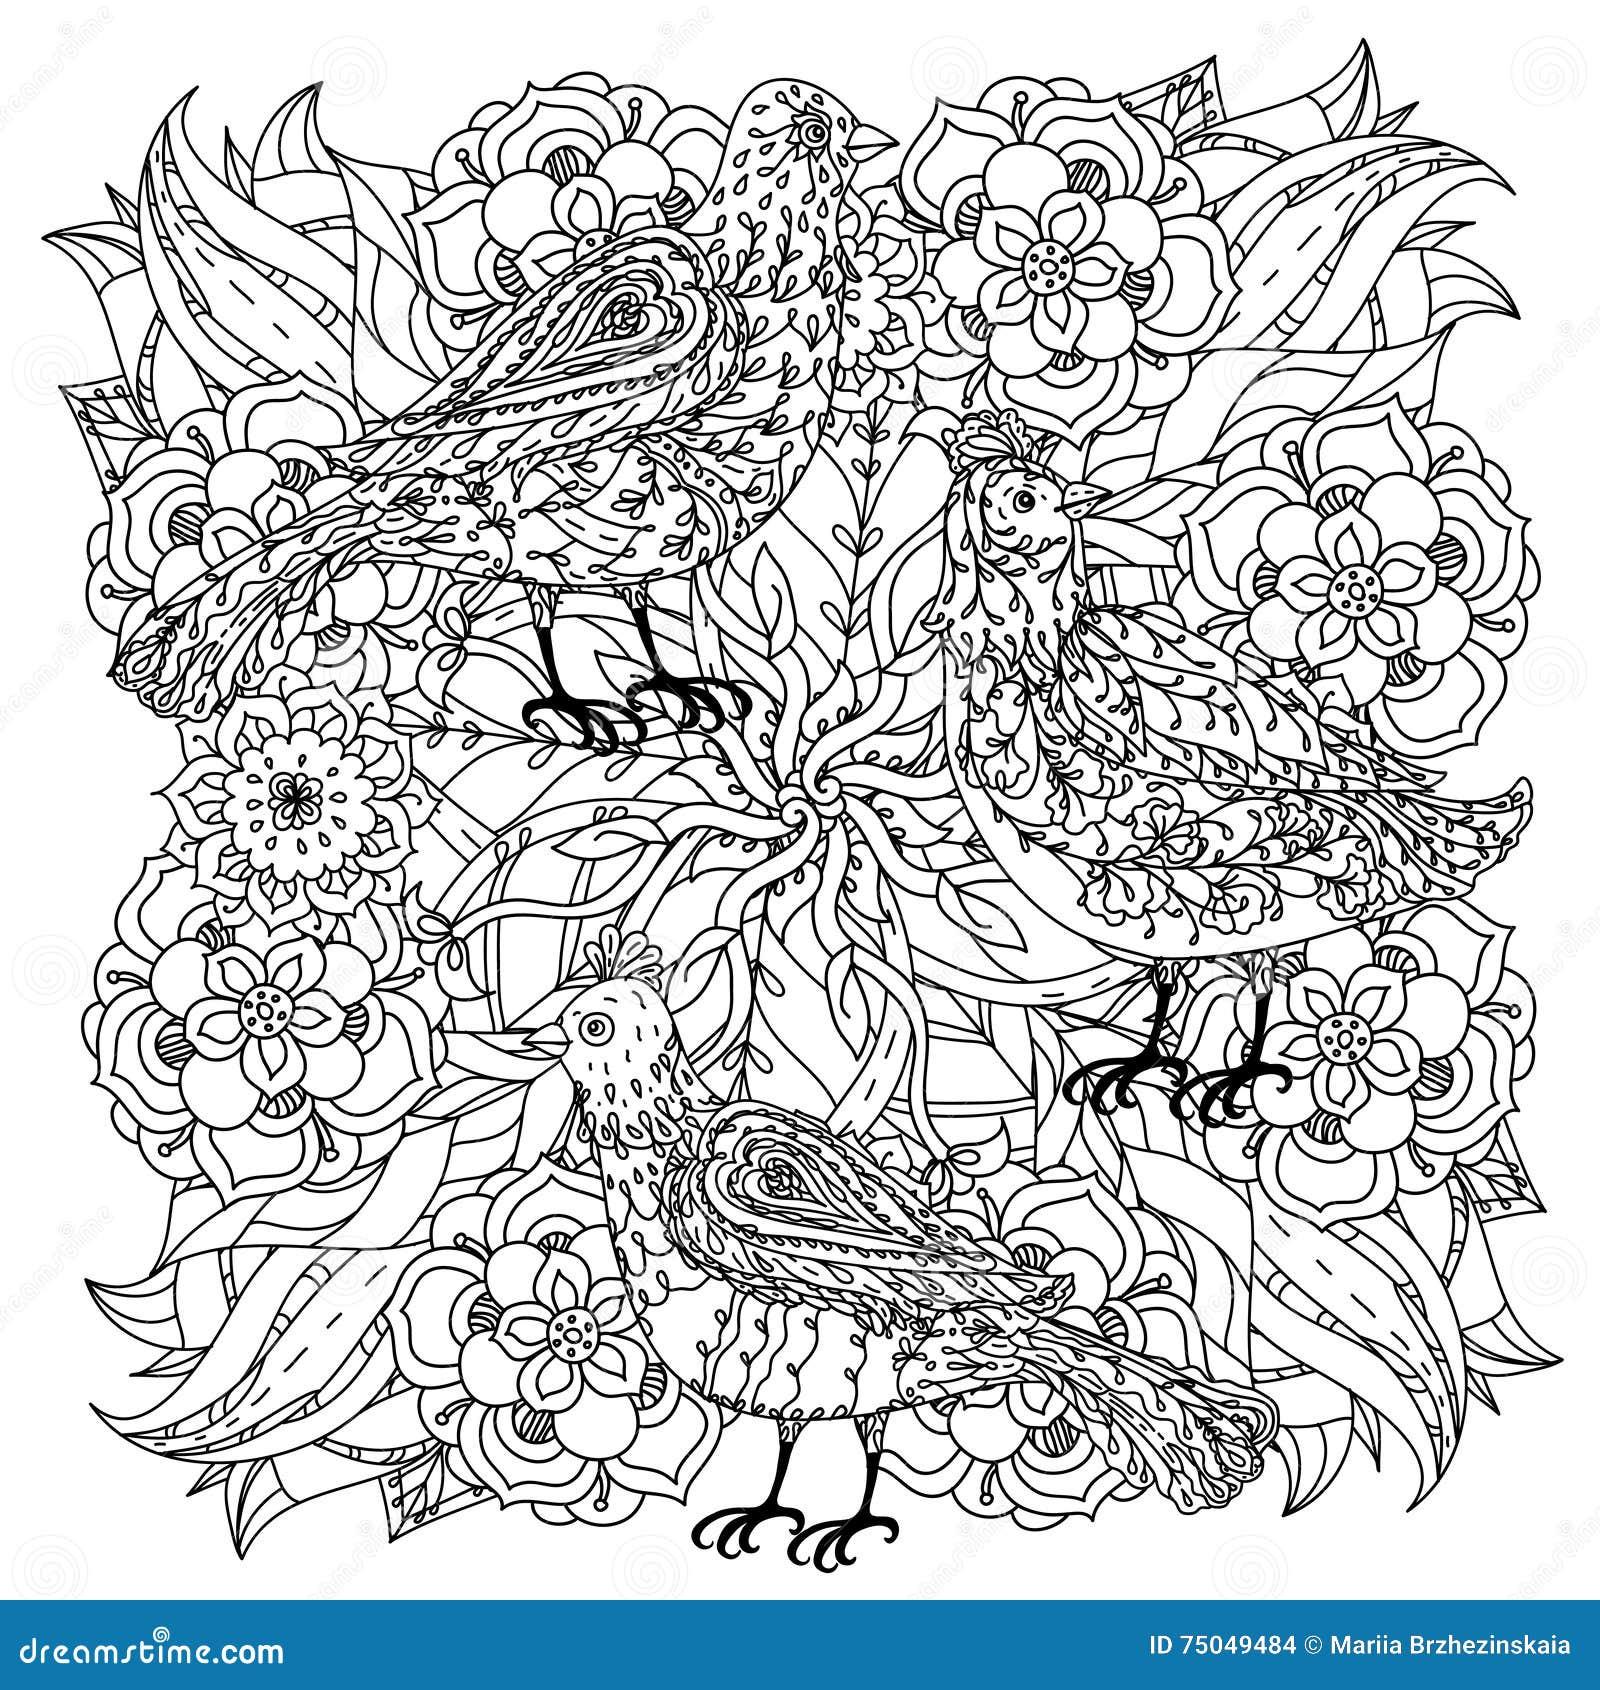 Disegni Da Colorare Antistress.Coloring Book Antistress Style Picture Stock Vector Illustration